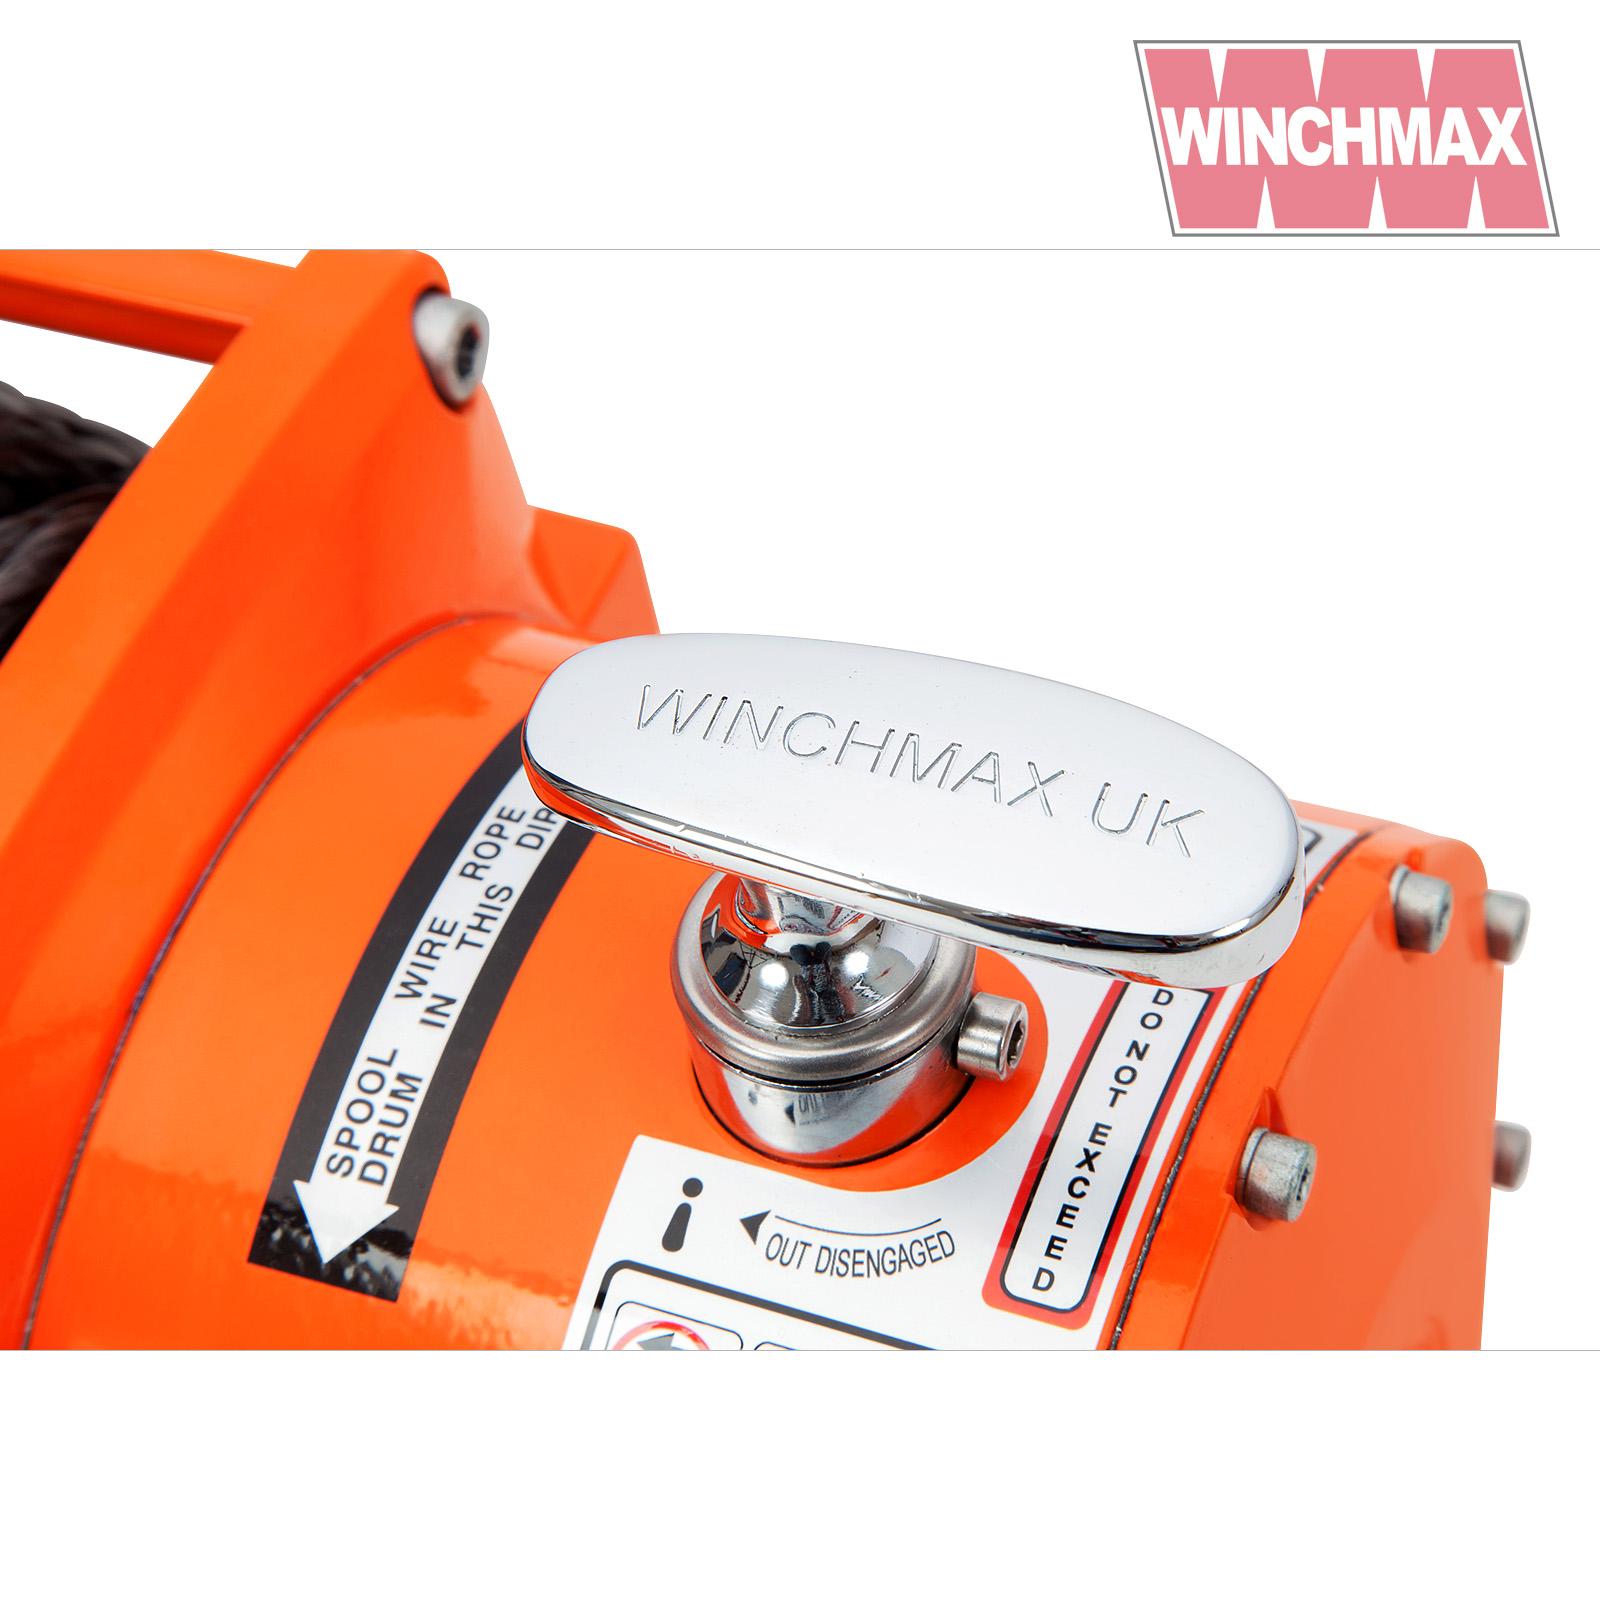 Wm1700012vrs winchmax 080